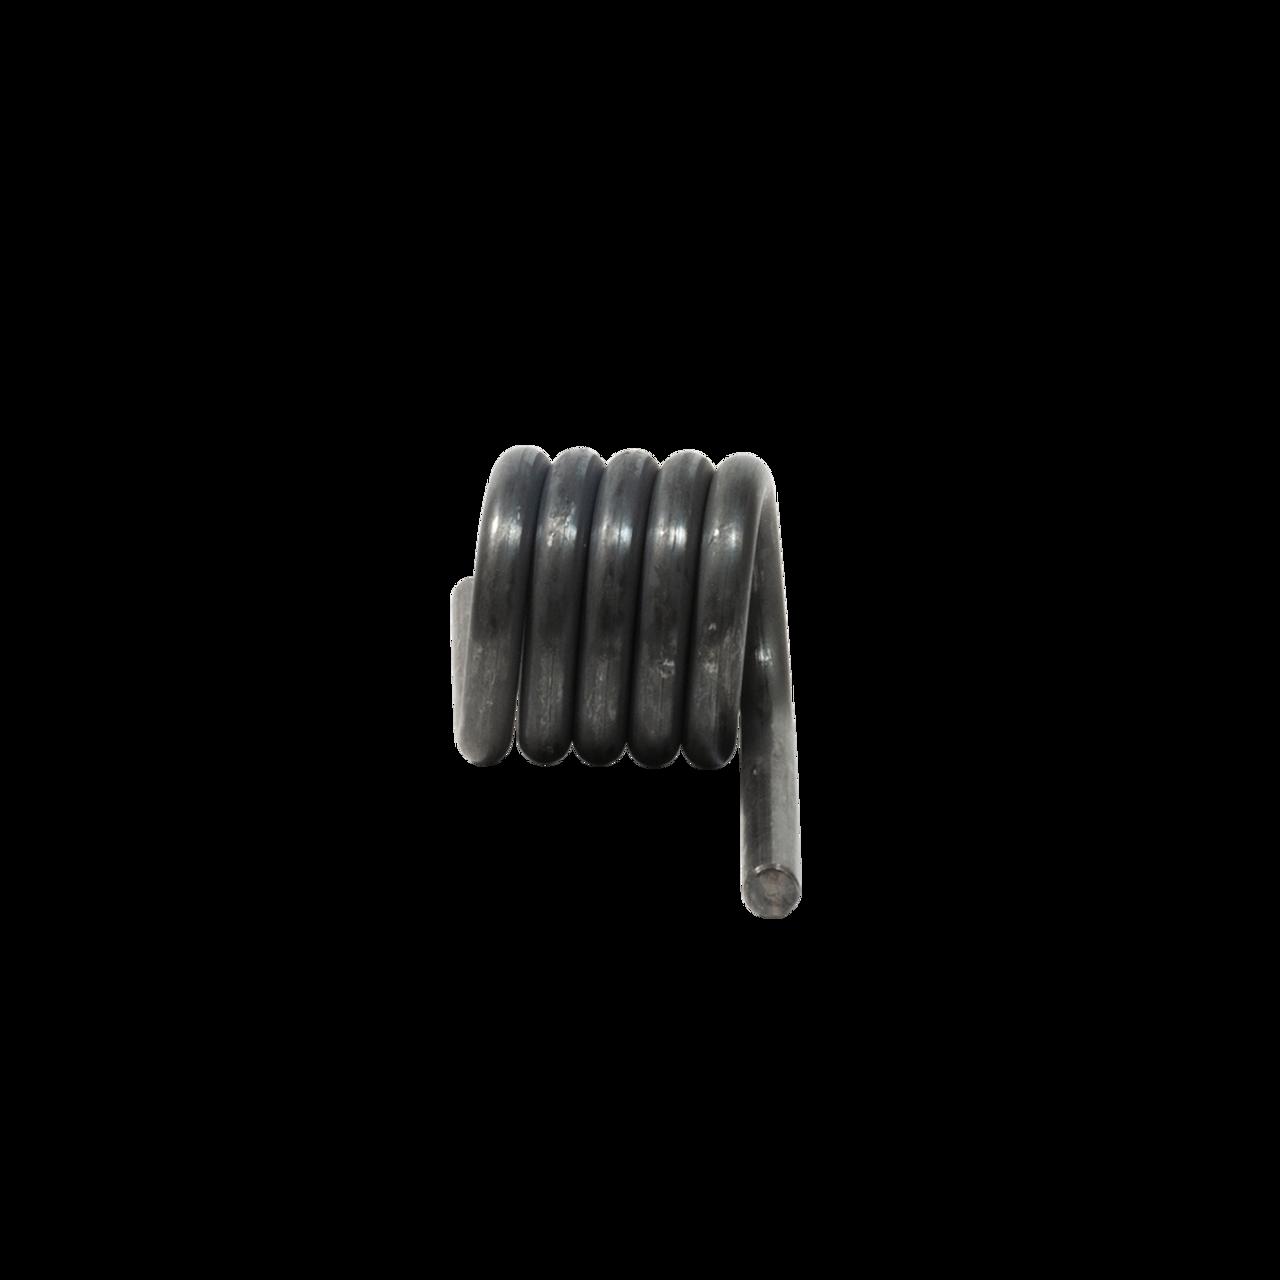 ST7628L --- Torsion Ramp Spring, Left Hand Coil